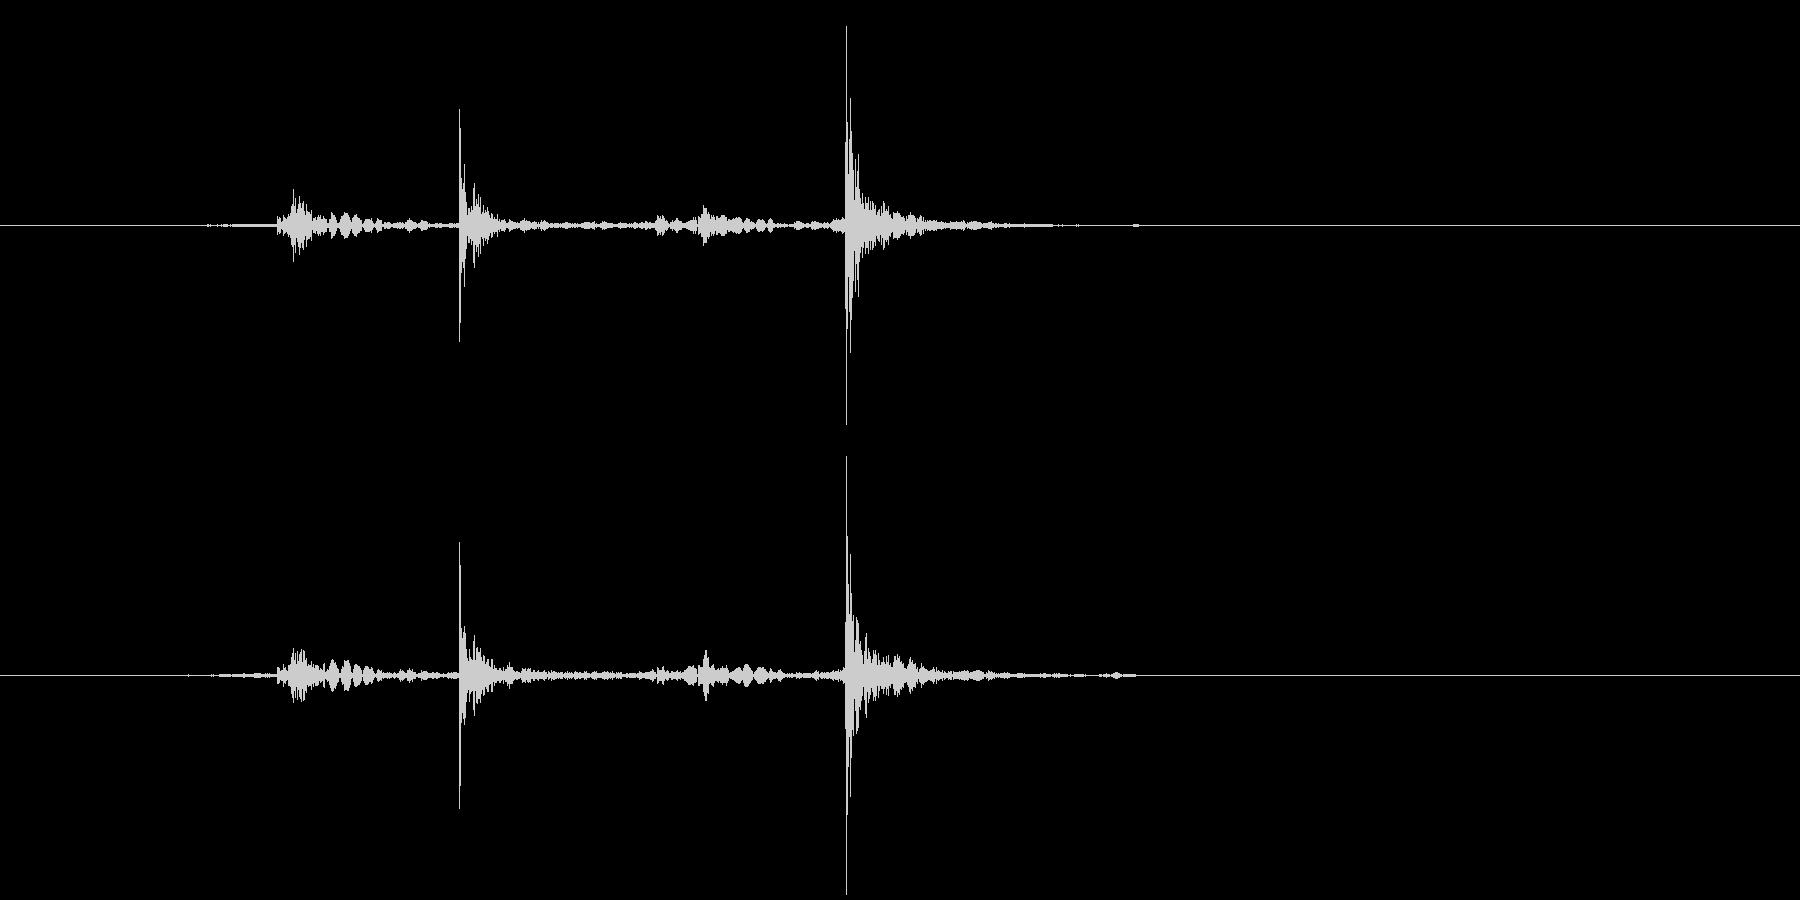 カタカタッ(キー入力、キーボード、電卓)の未再生の波形